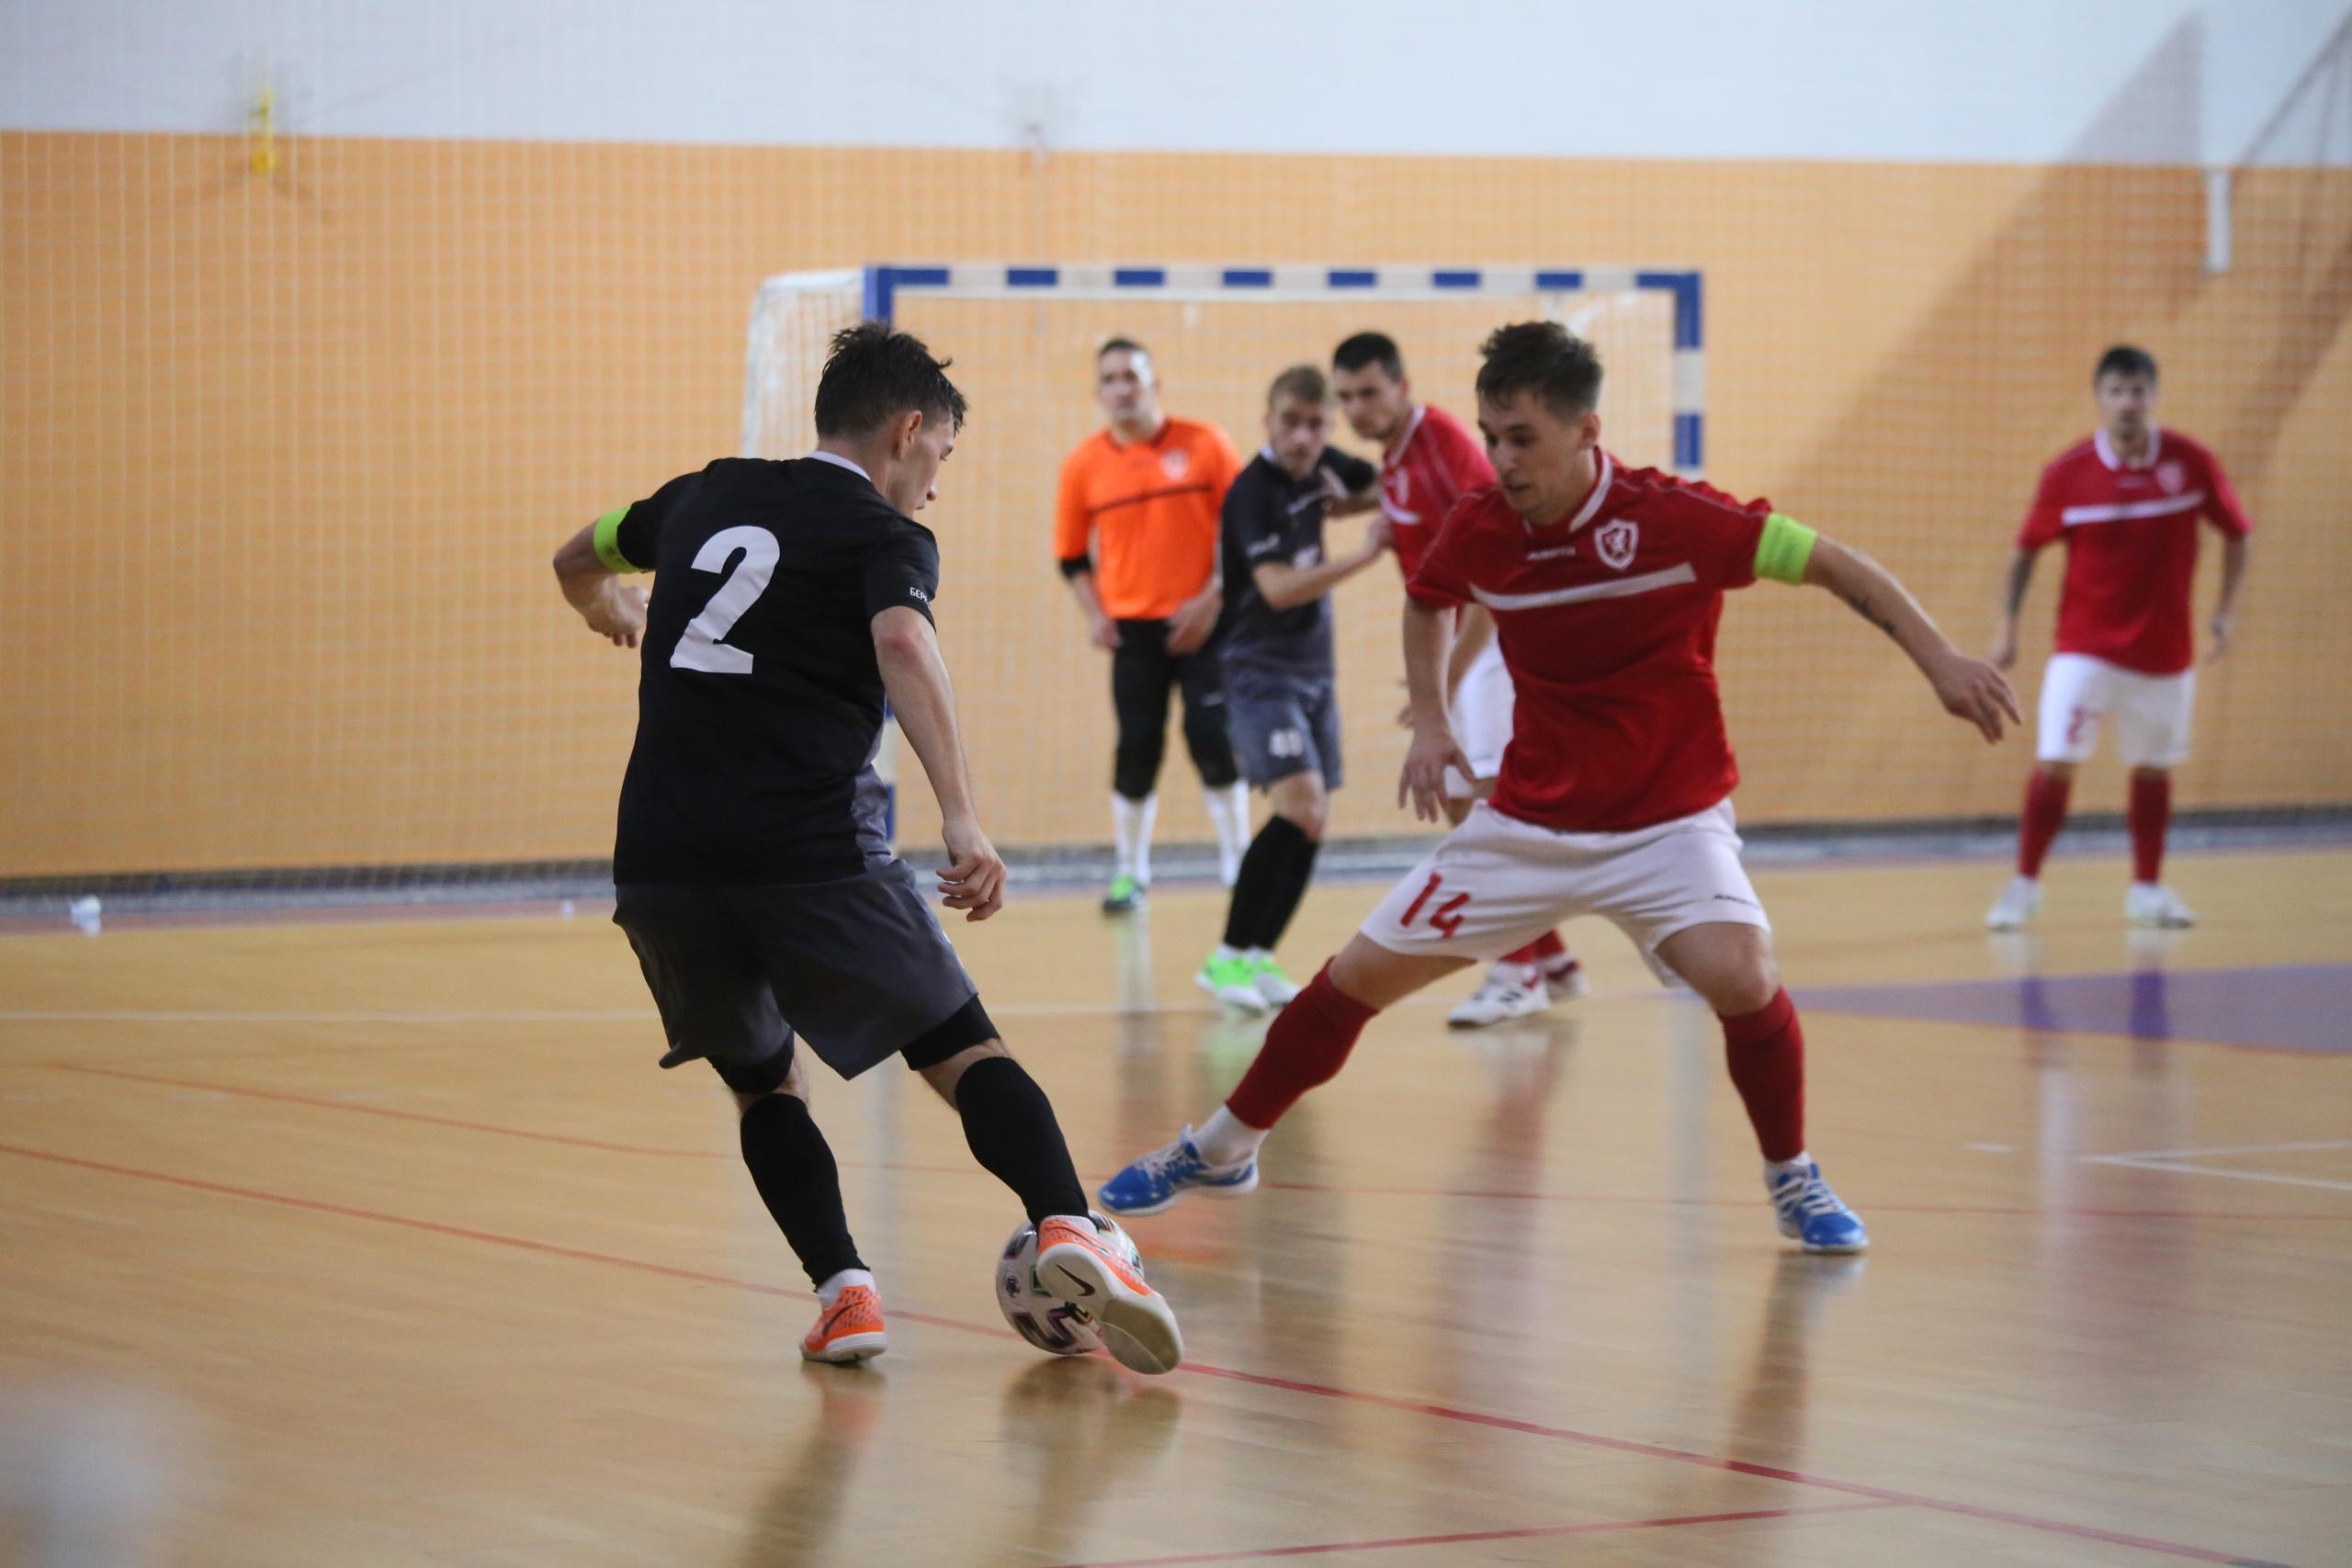 Мини-футбольный клуб «Лида» одержал первую победу в чемпионате страны.